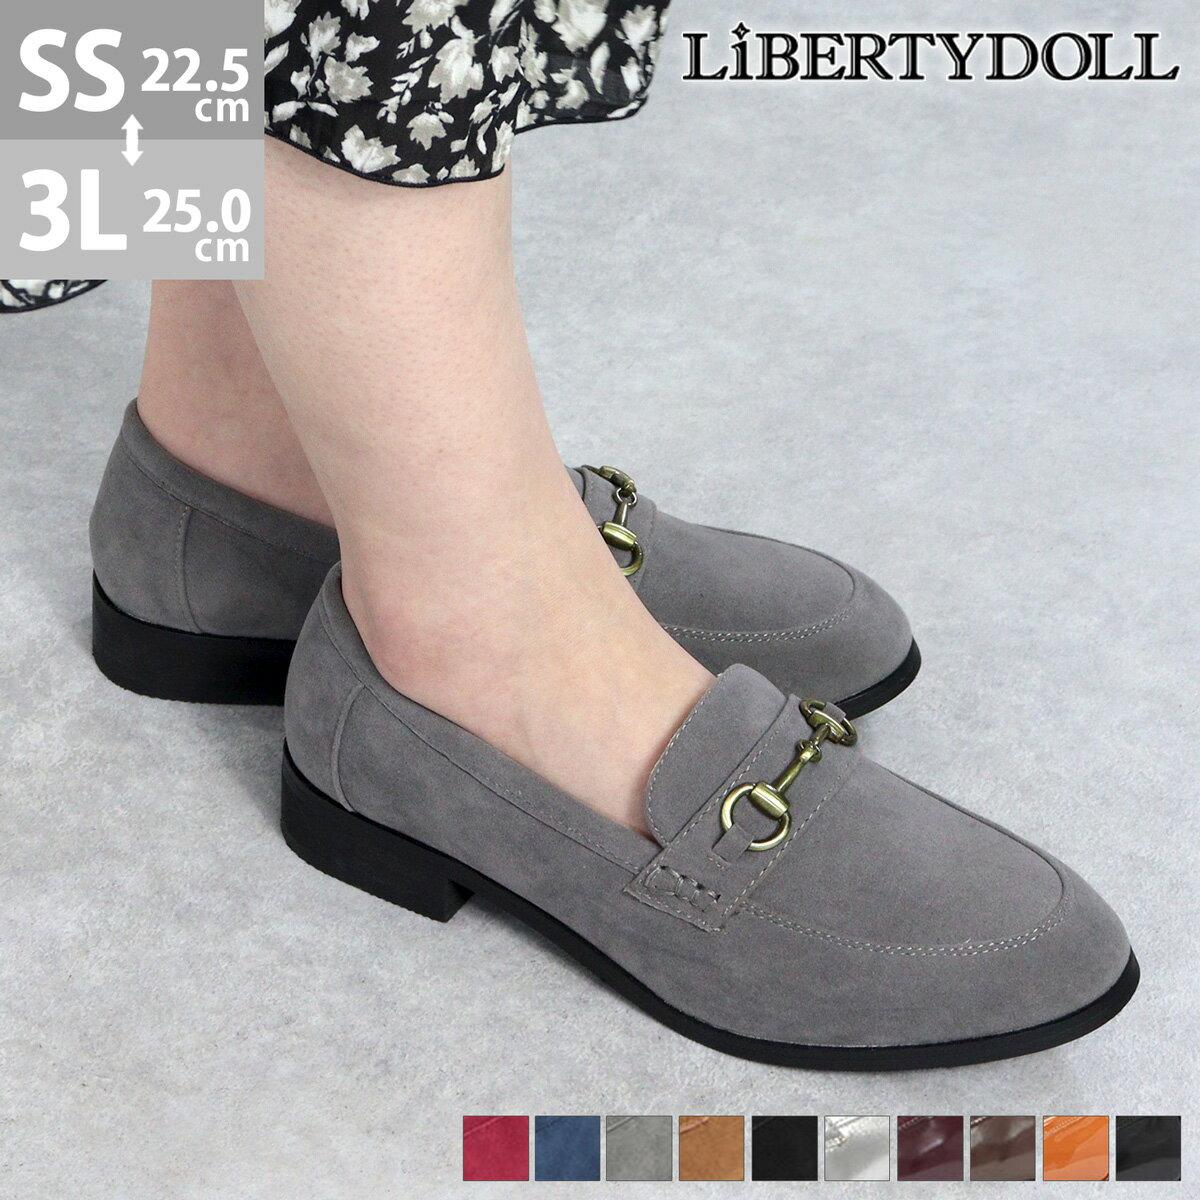 あす楽ローファー レディース おじ靴 ビットローファー 全10色 22.5cm〜25.0cm